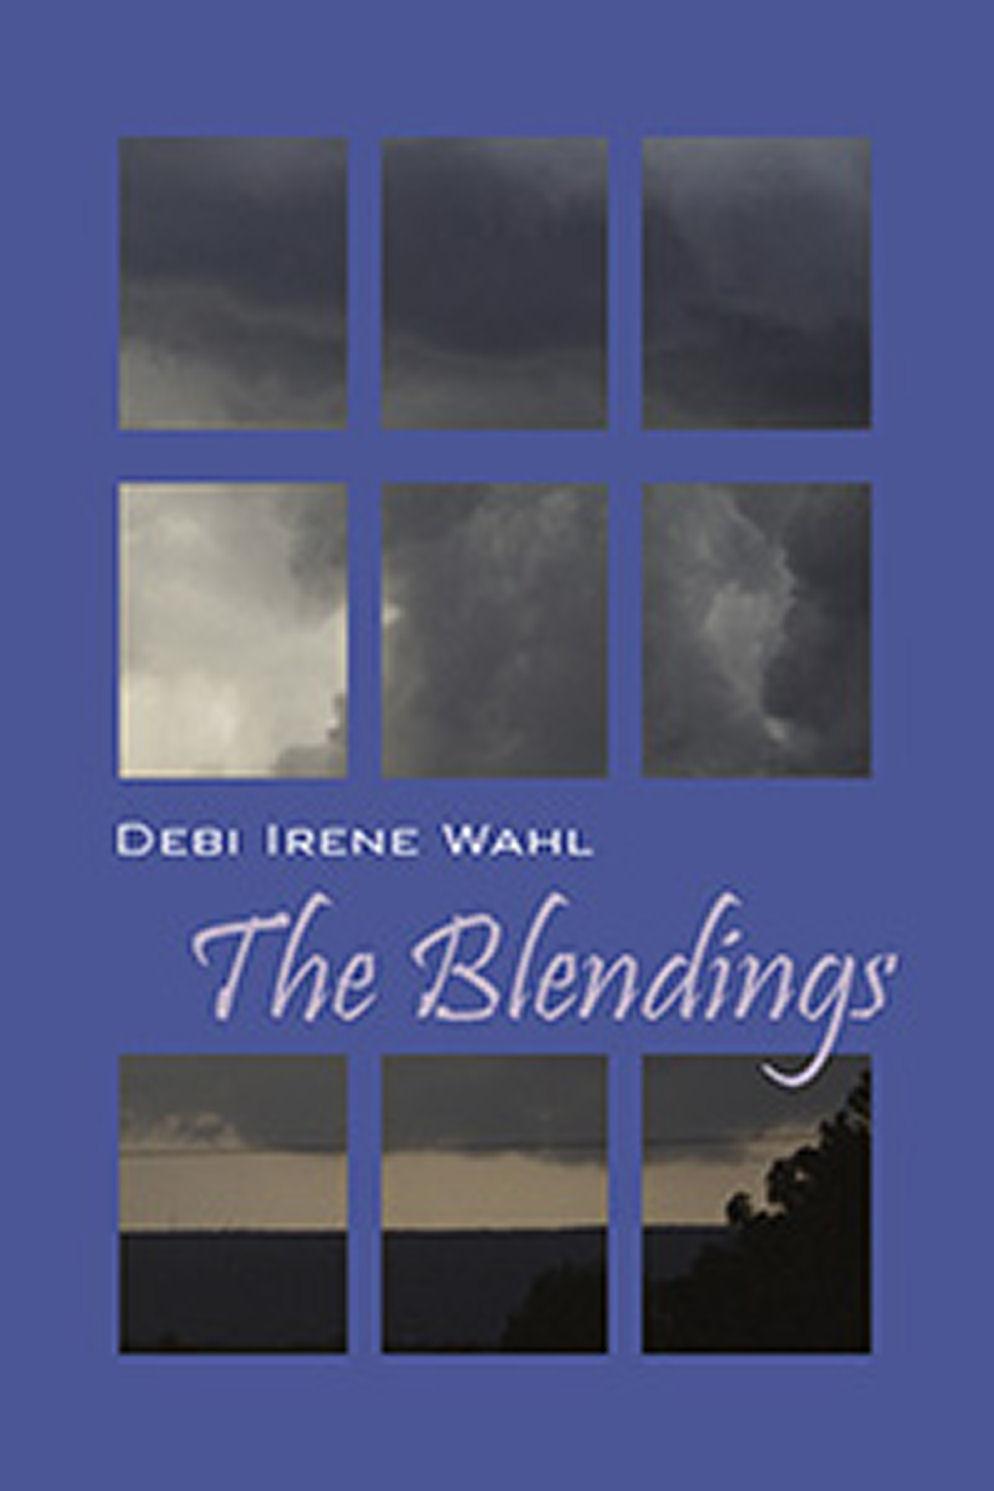 The Blendings